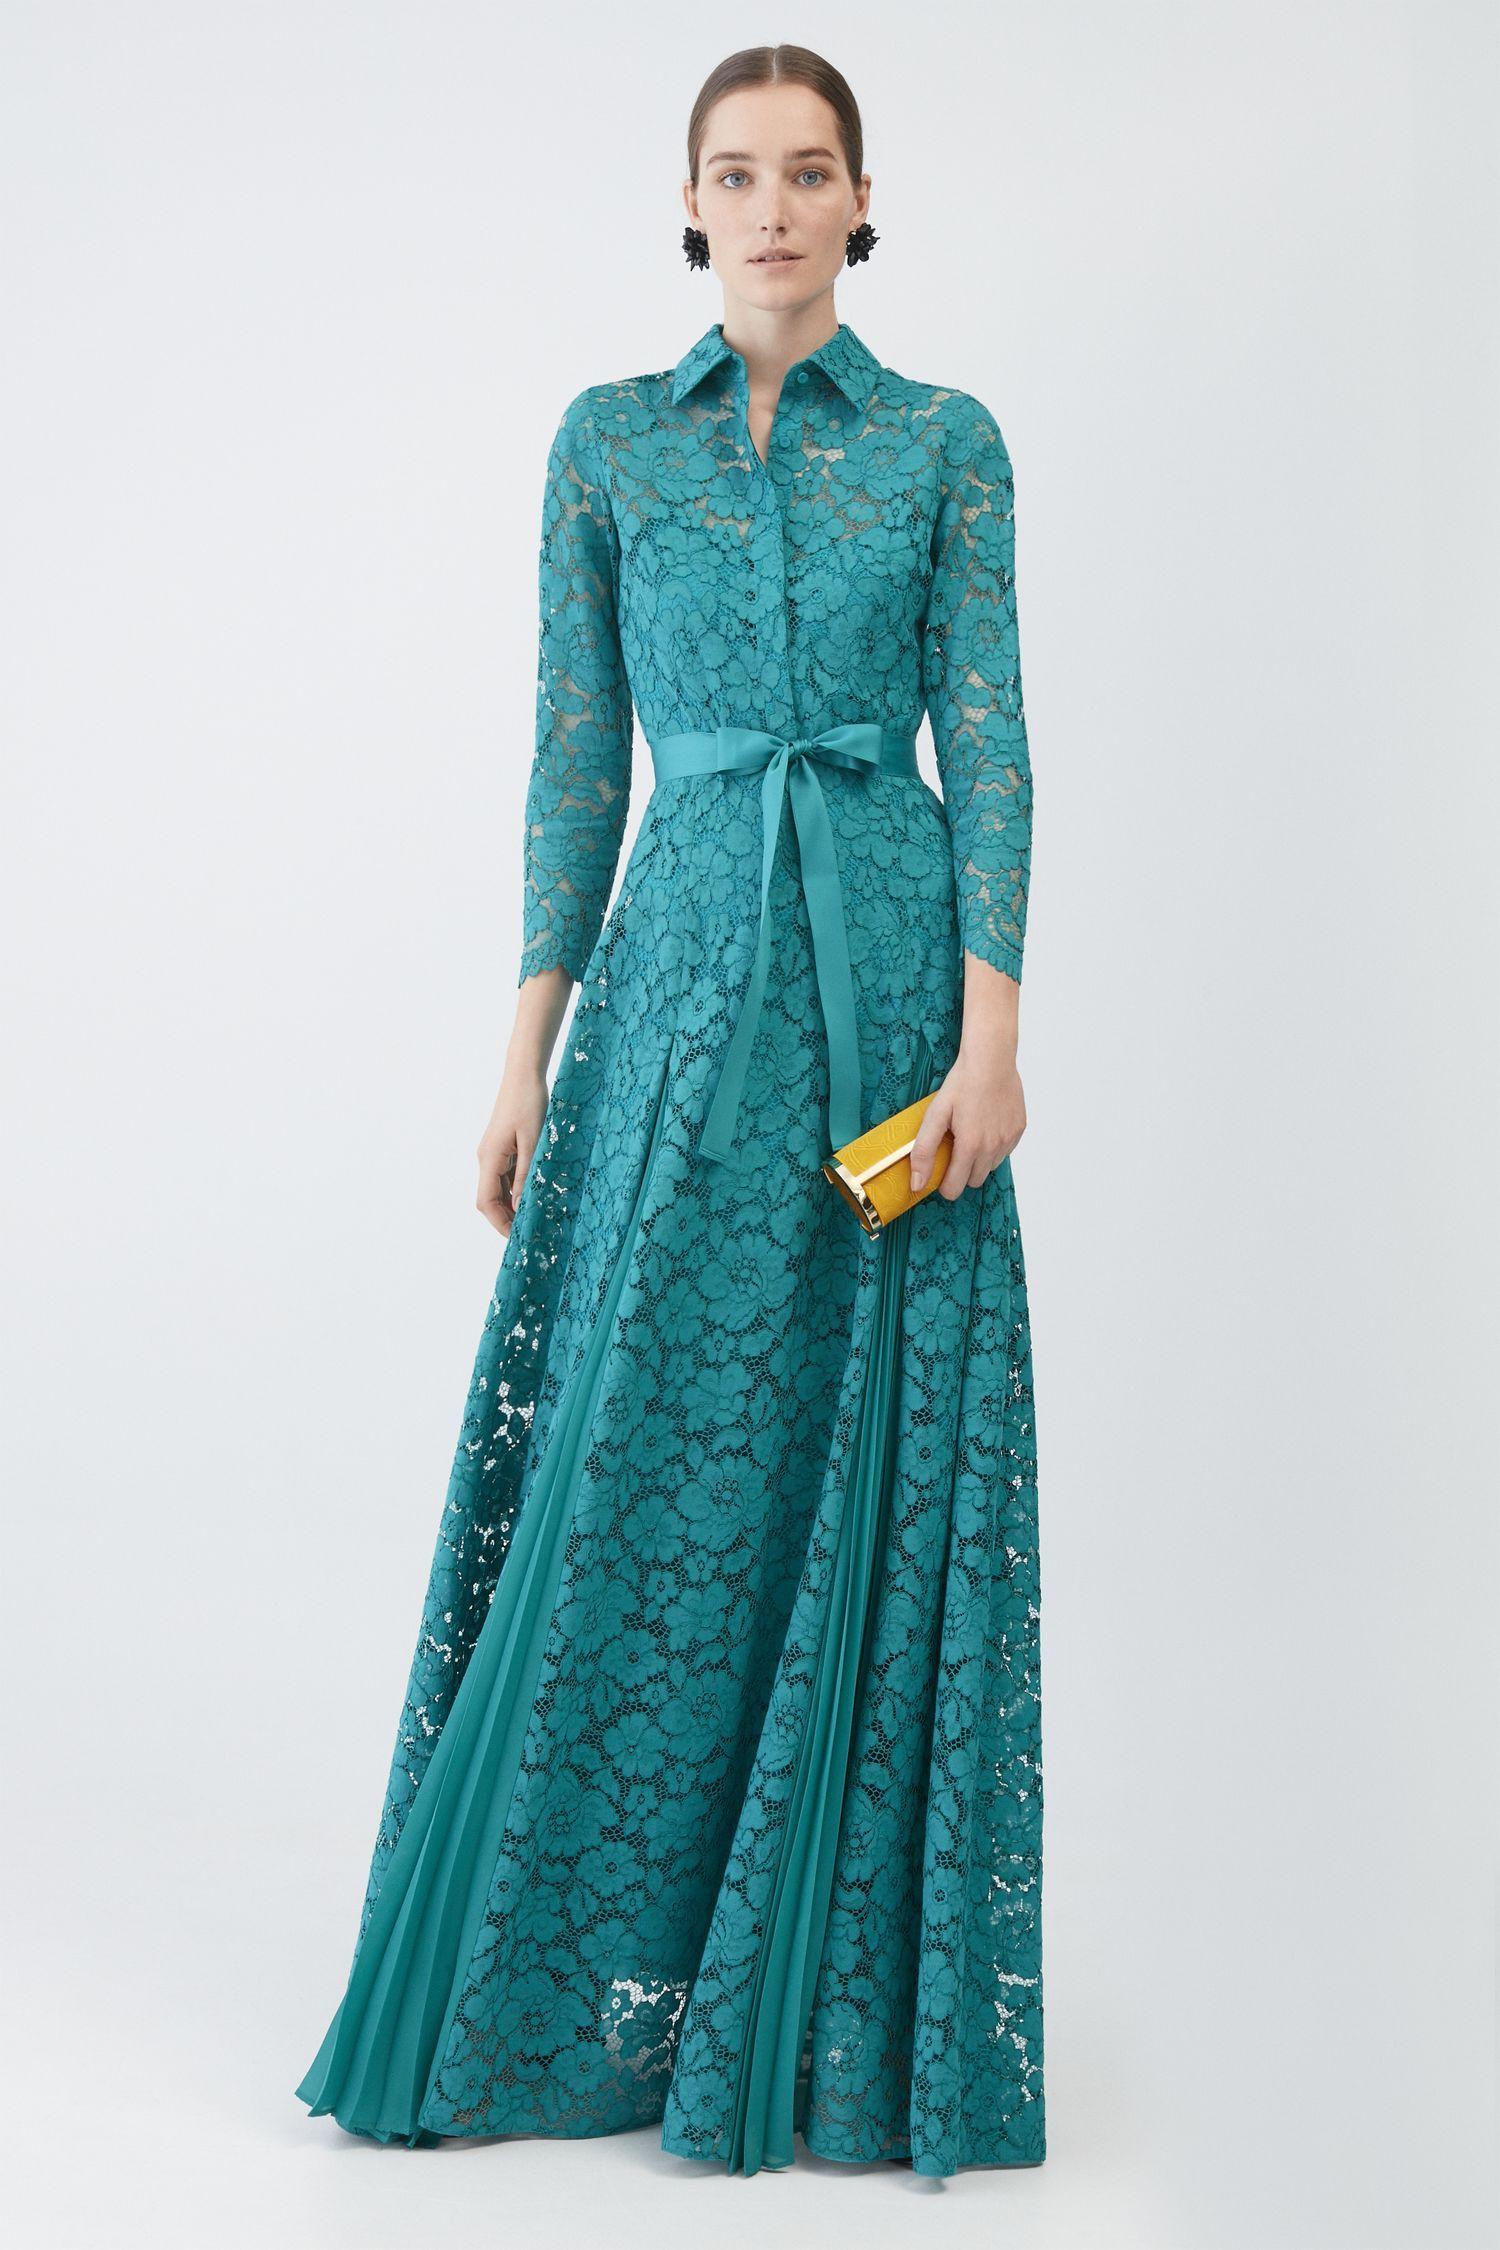 0628b2561 Vestido de encaje con godets plisados AZUL TURQUESA - Vestidos de Colección